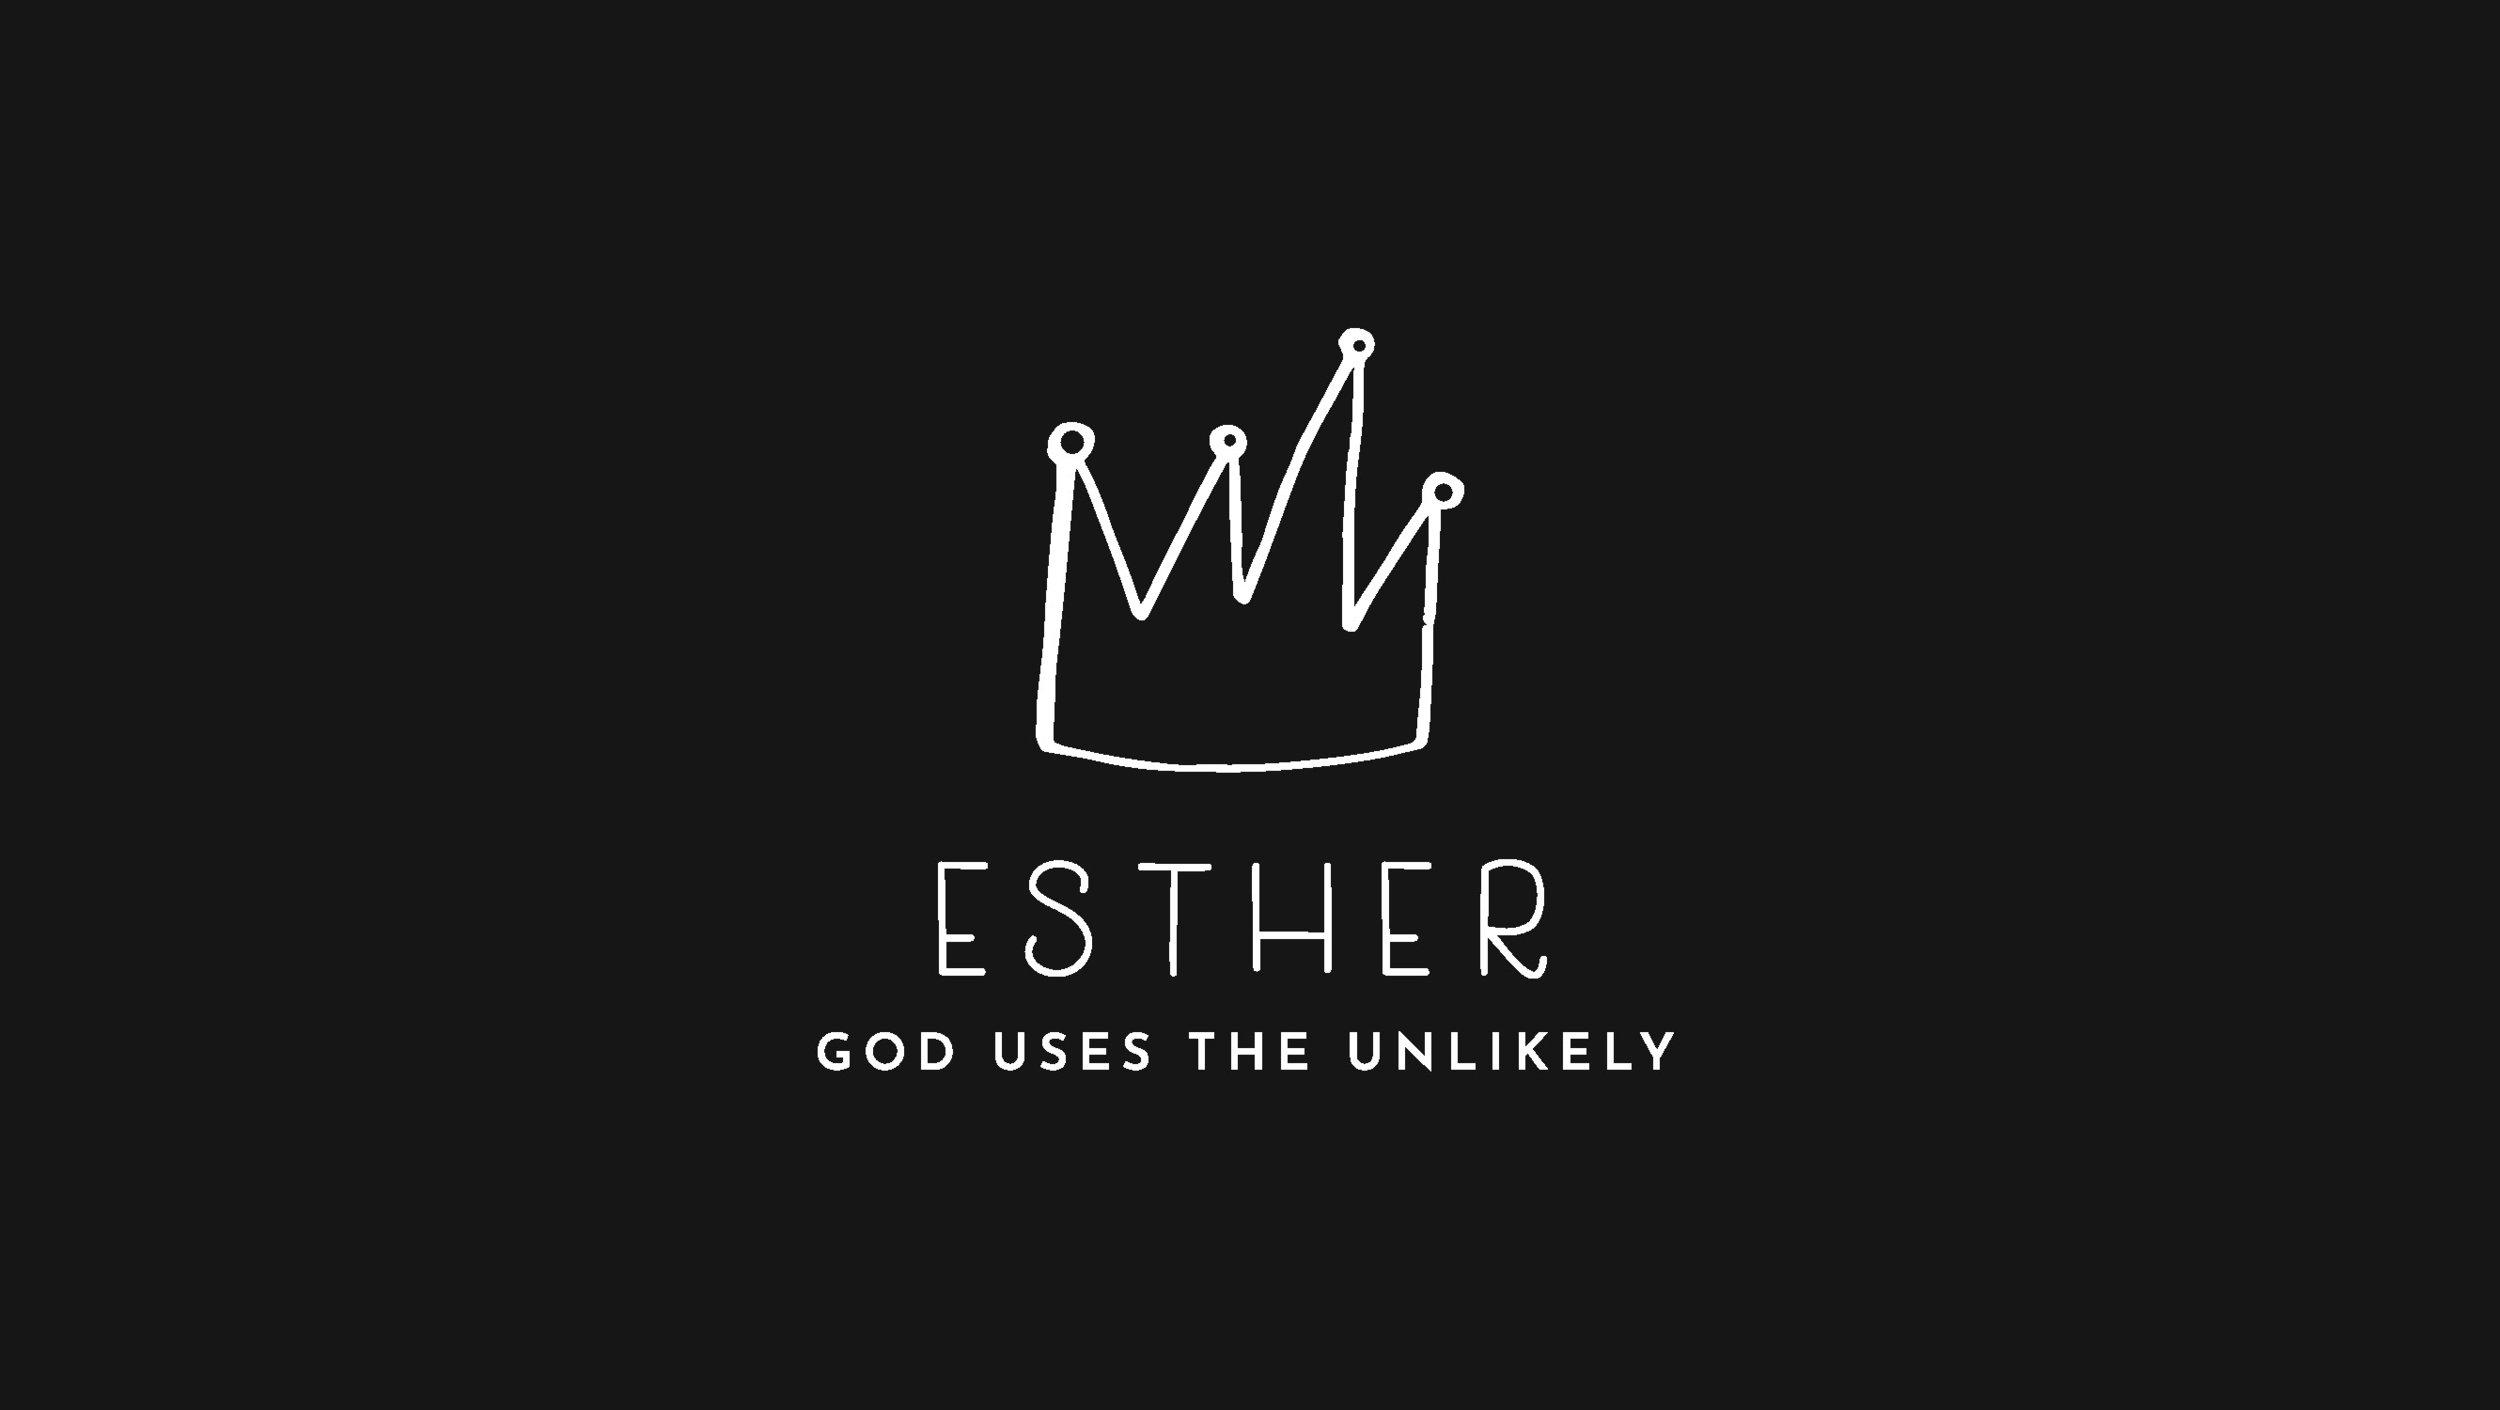 EstherSermon.jpg